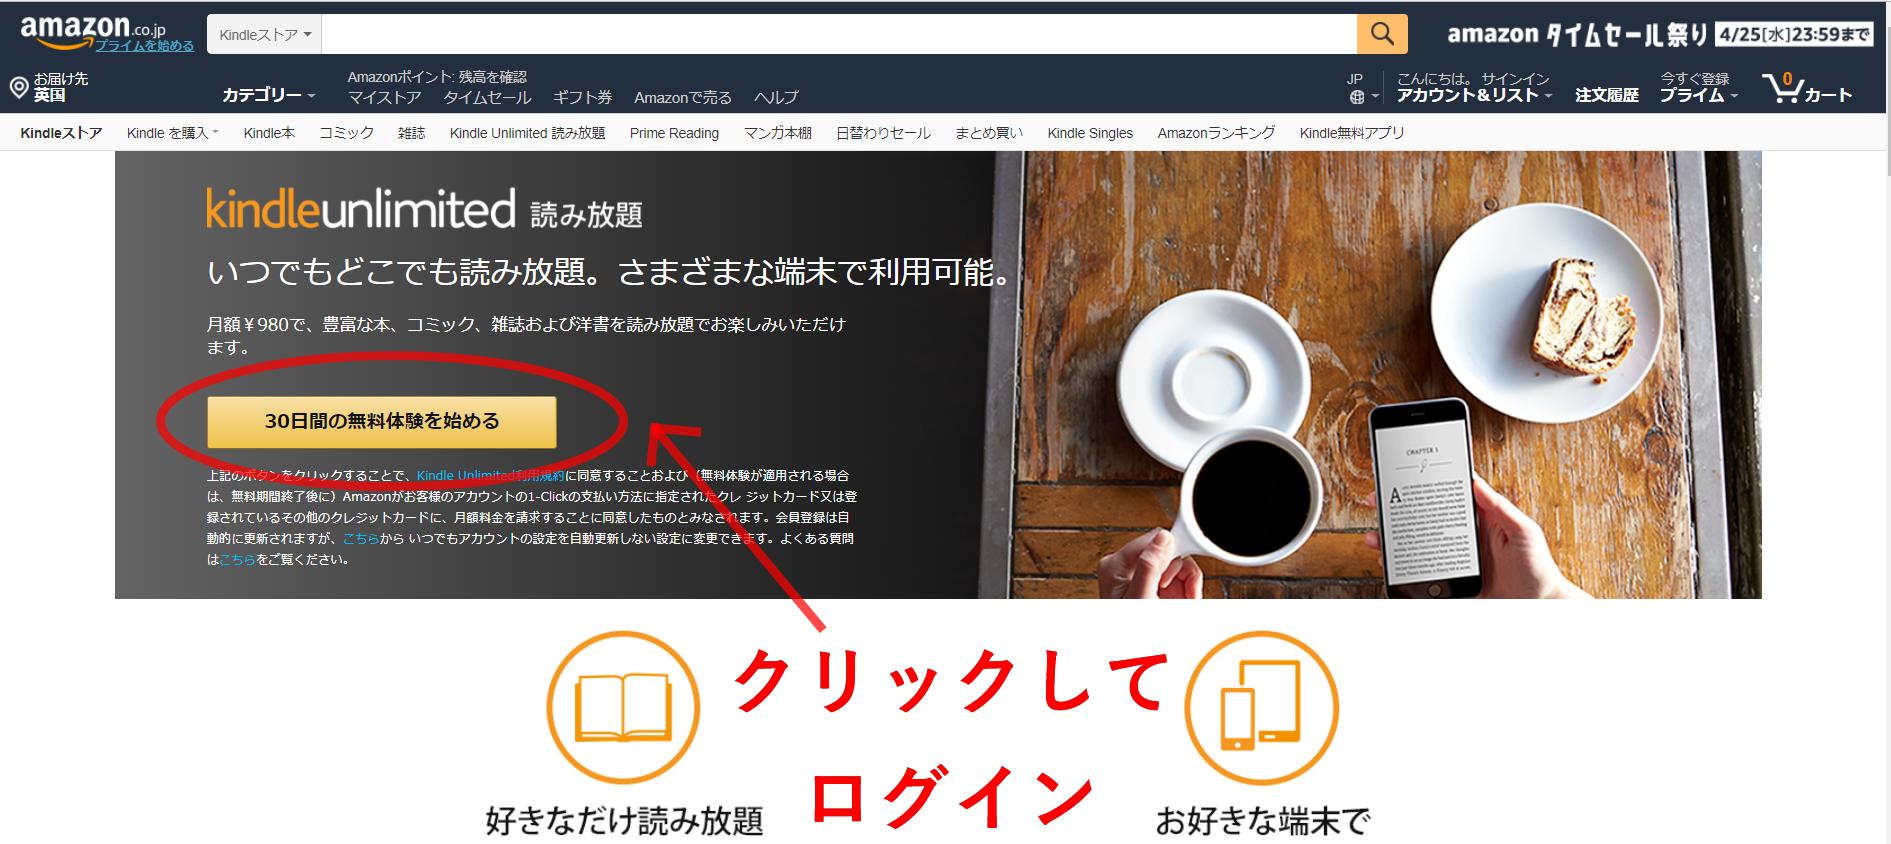 Kindle Unlimited(Amazonジャパン)のトップページ